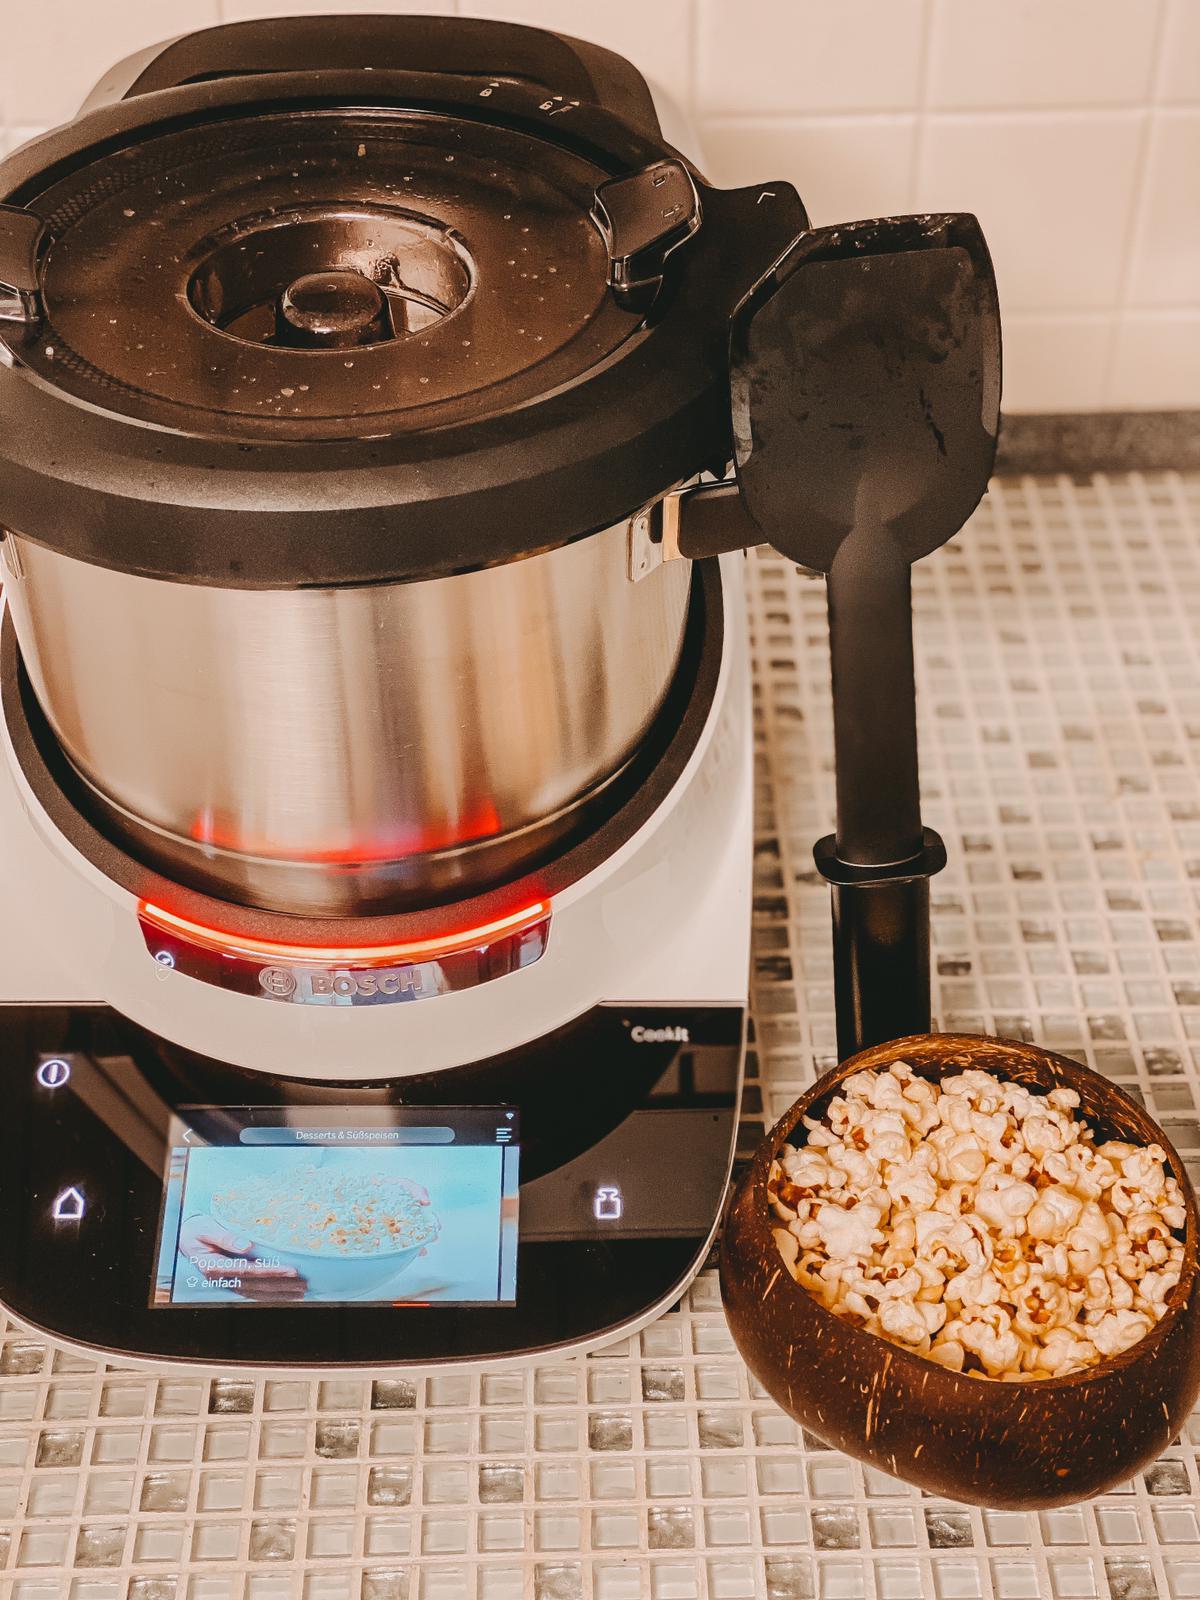 Bosch Cookit Popcorn